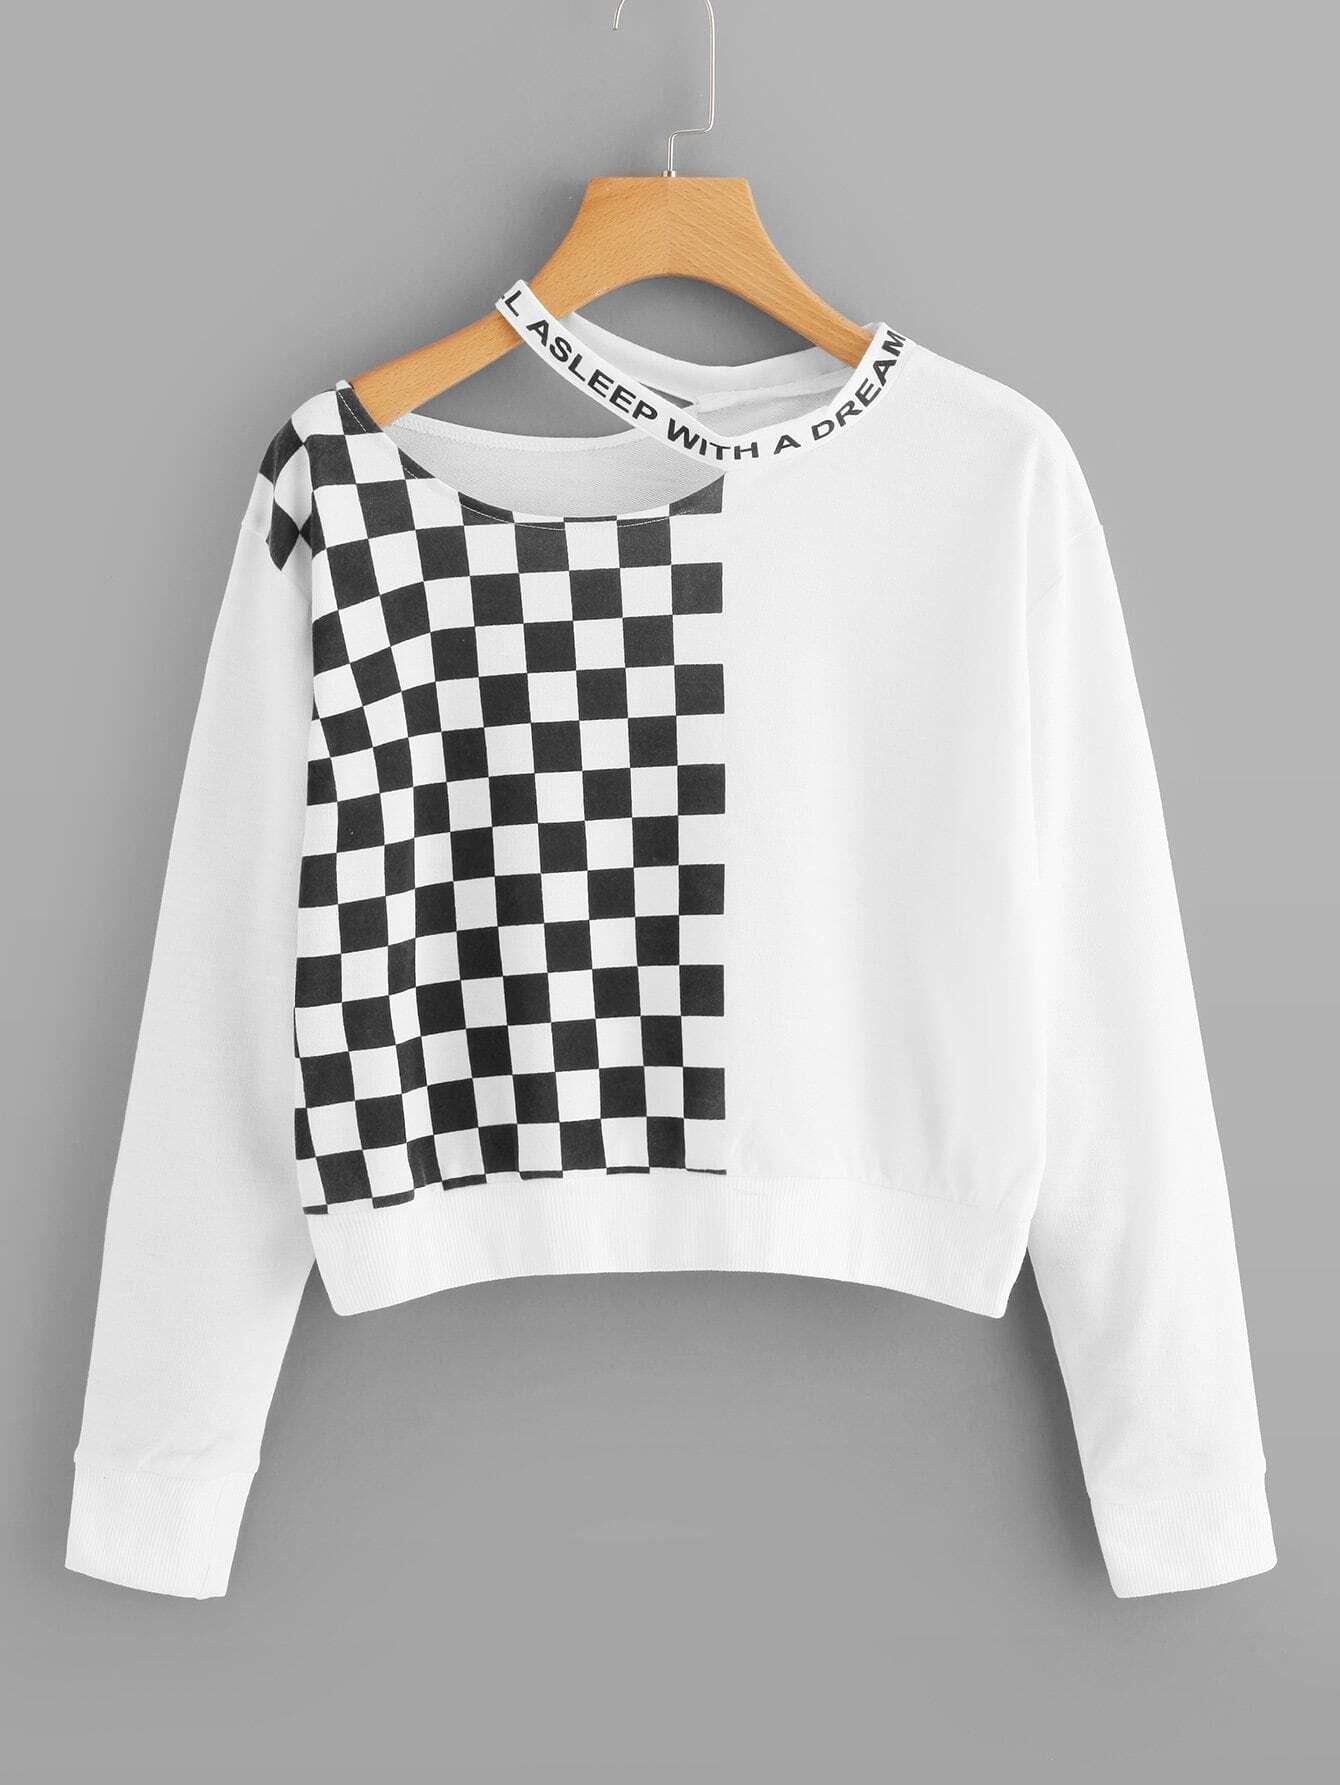 Купить Спортивная футболка с капюшоном и со симметрическими рисунками в клетку, null, SheIn